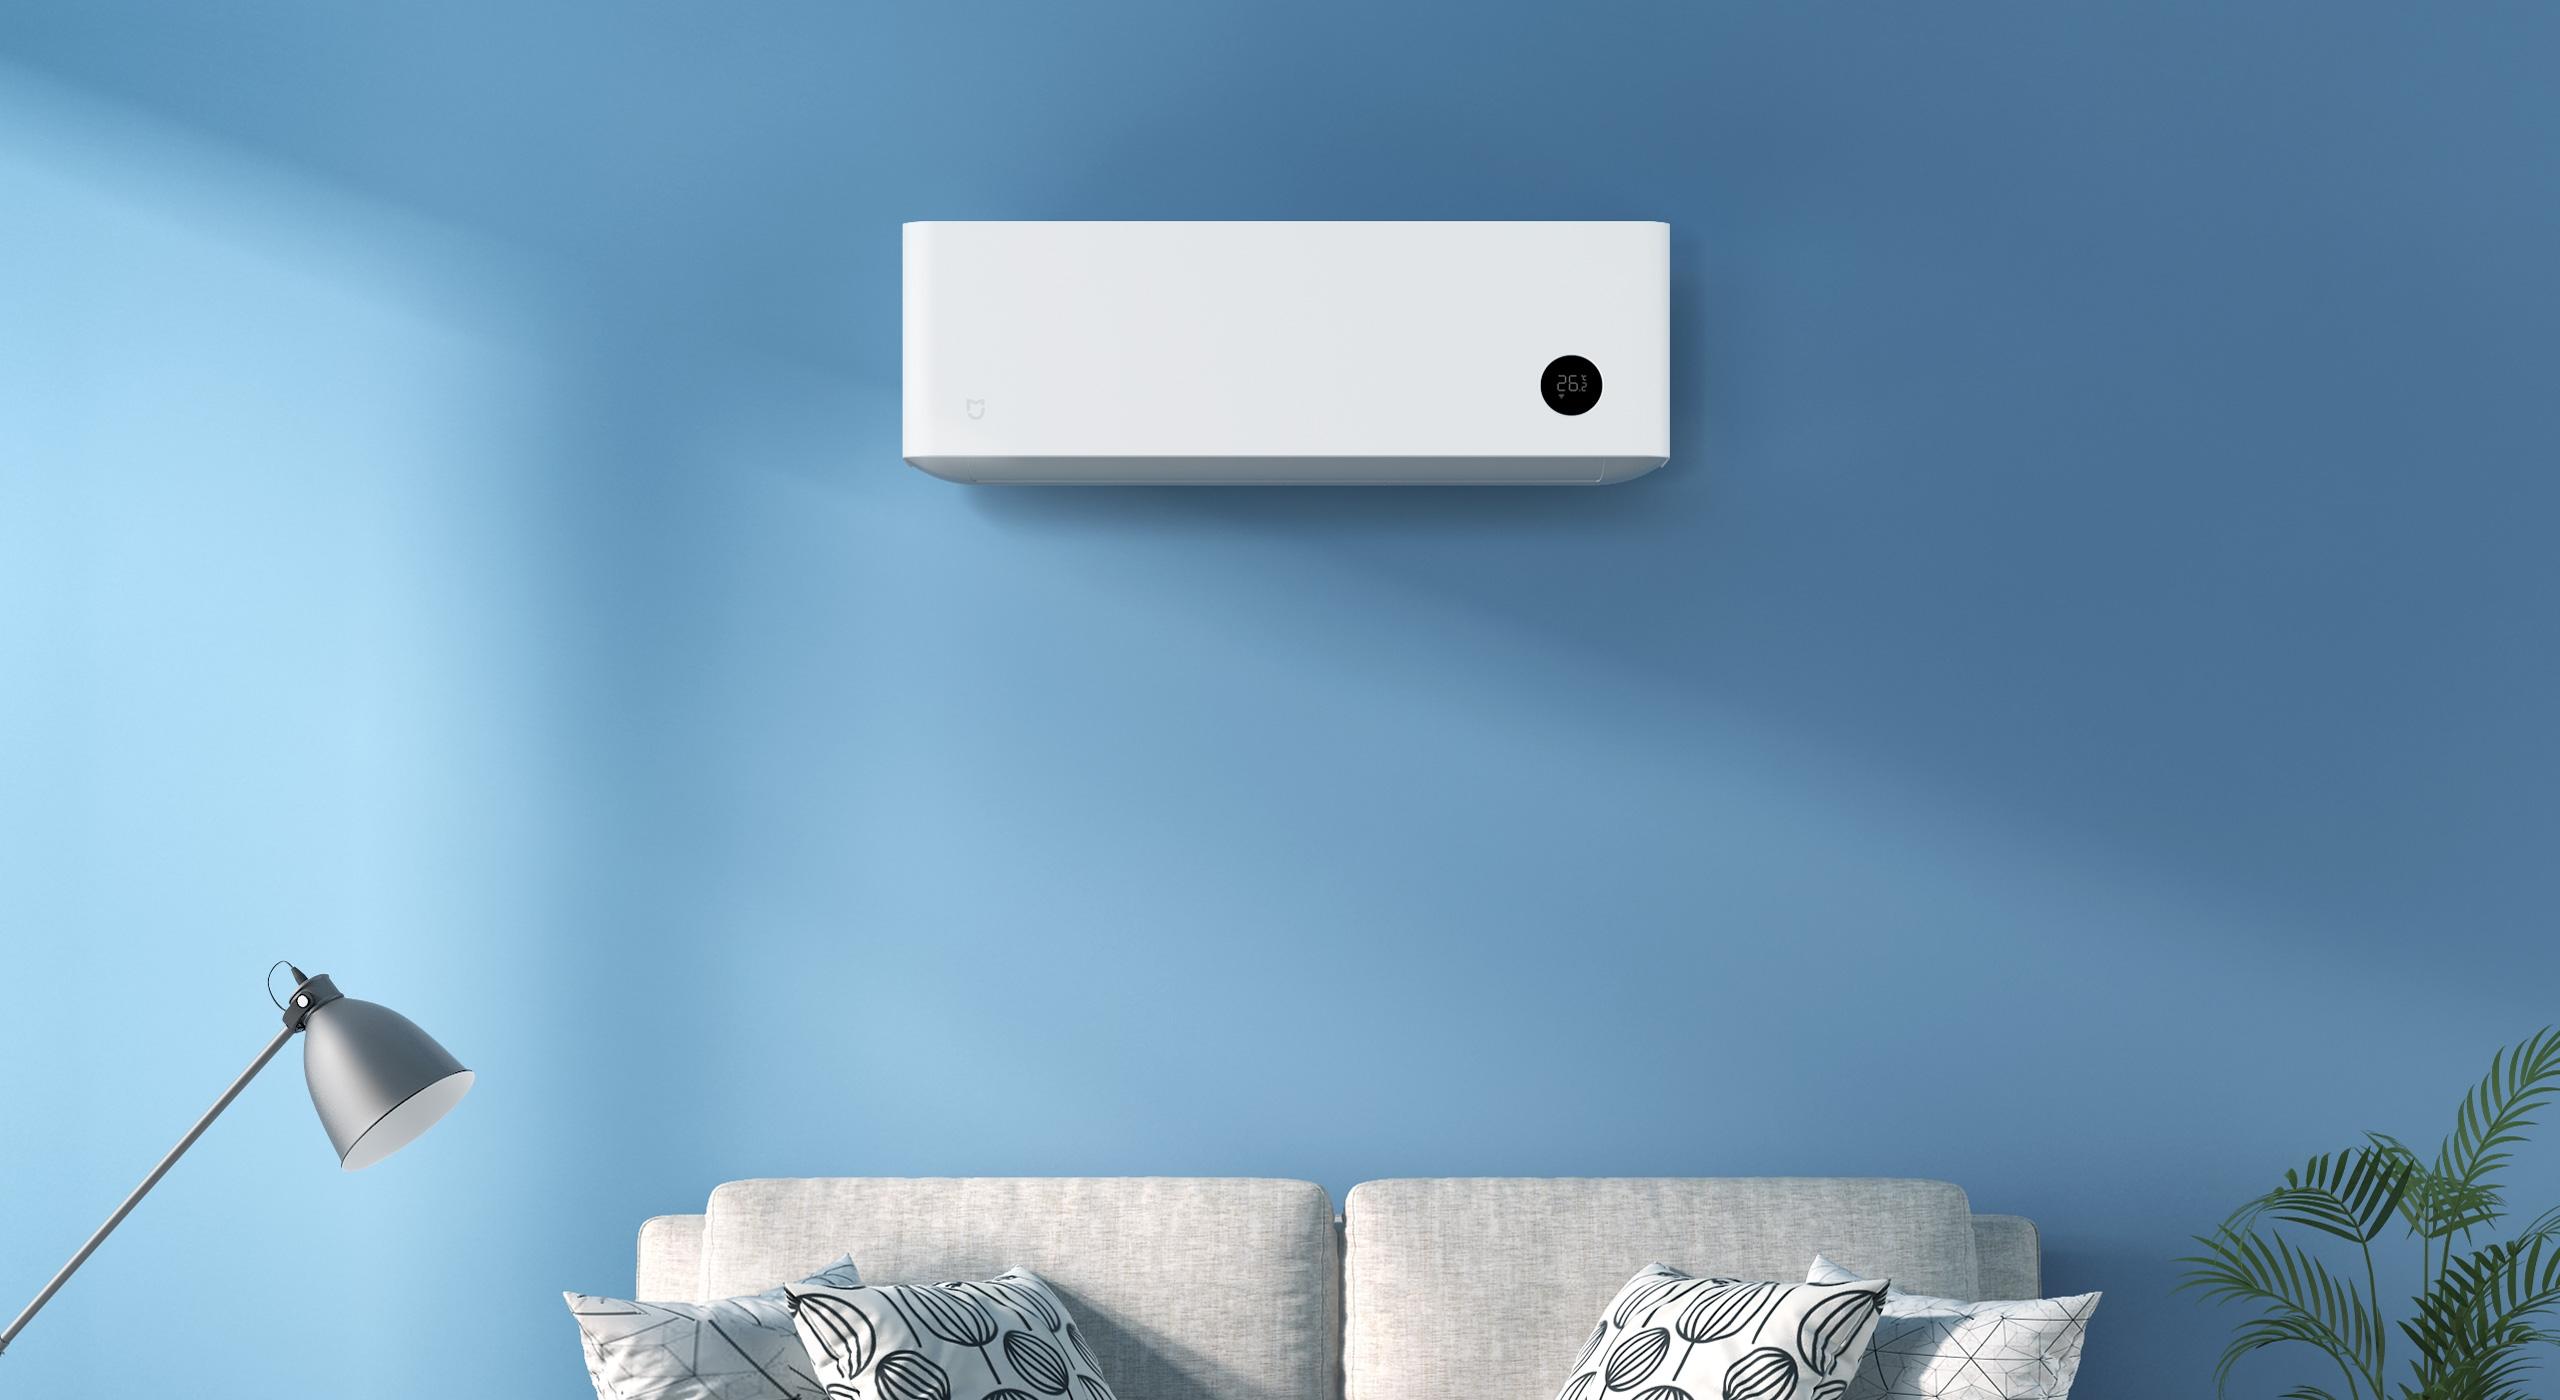 nuevo-mijia-smart-air-conditioner